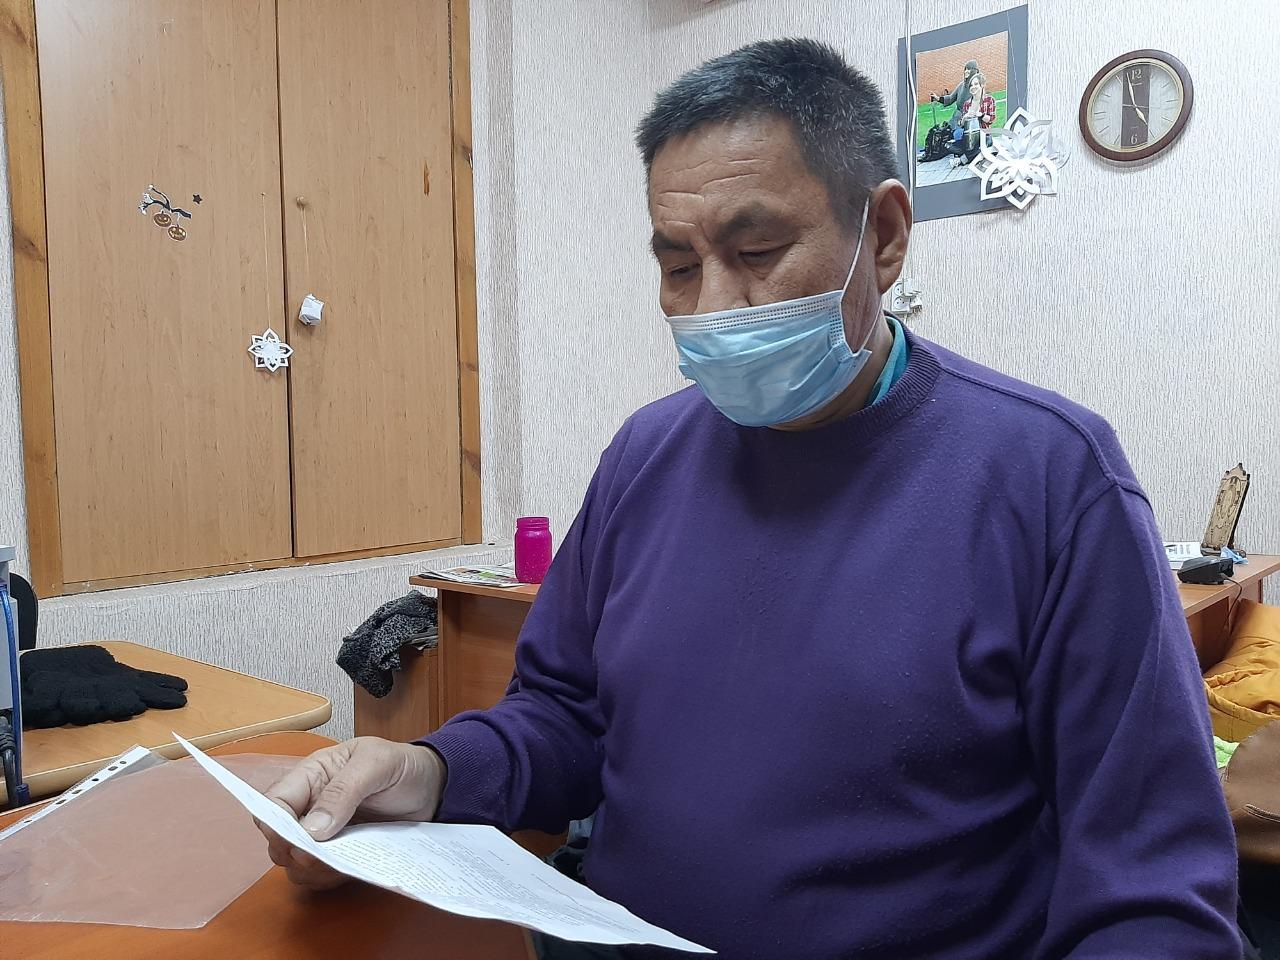 Путаница с цифрами: как одинаковые номера домов привели жителя Костанайкого района в суд